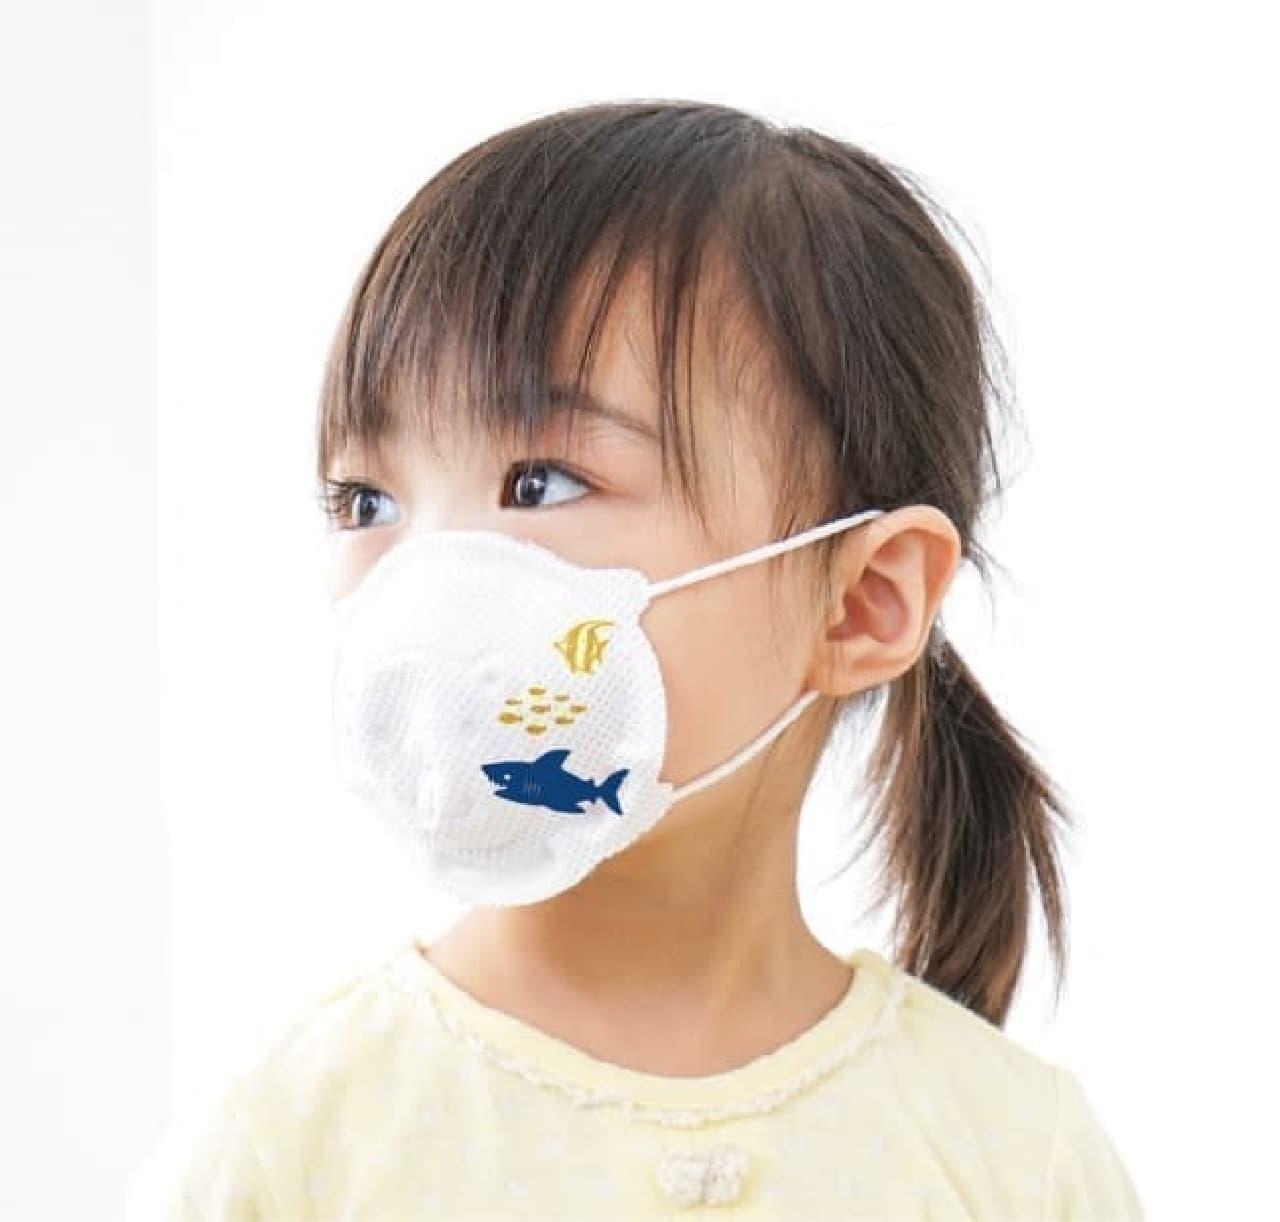 マスク専用デザインスタンプ「マスタ」発売 -- 可愛いネコやボタニカルの柄で白無地のマスクがおしゃれに